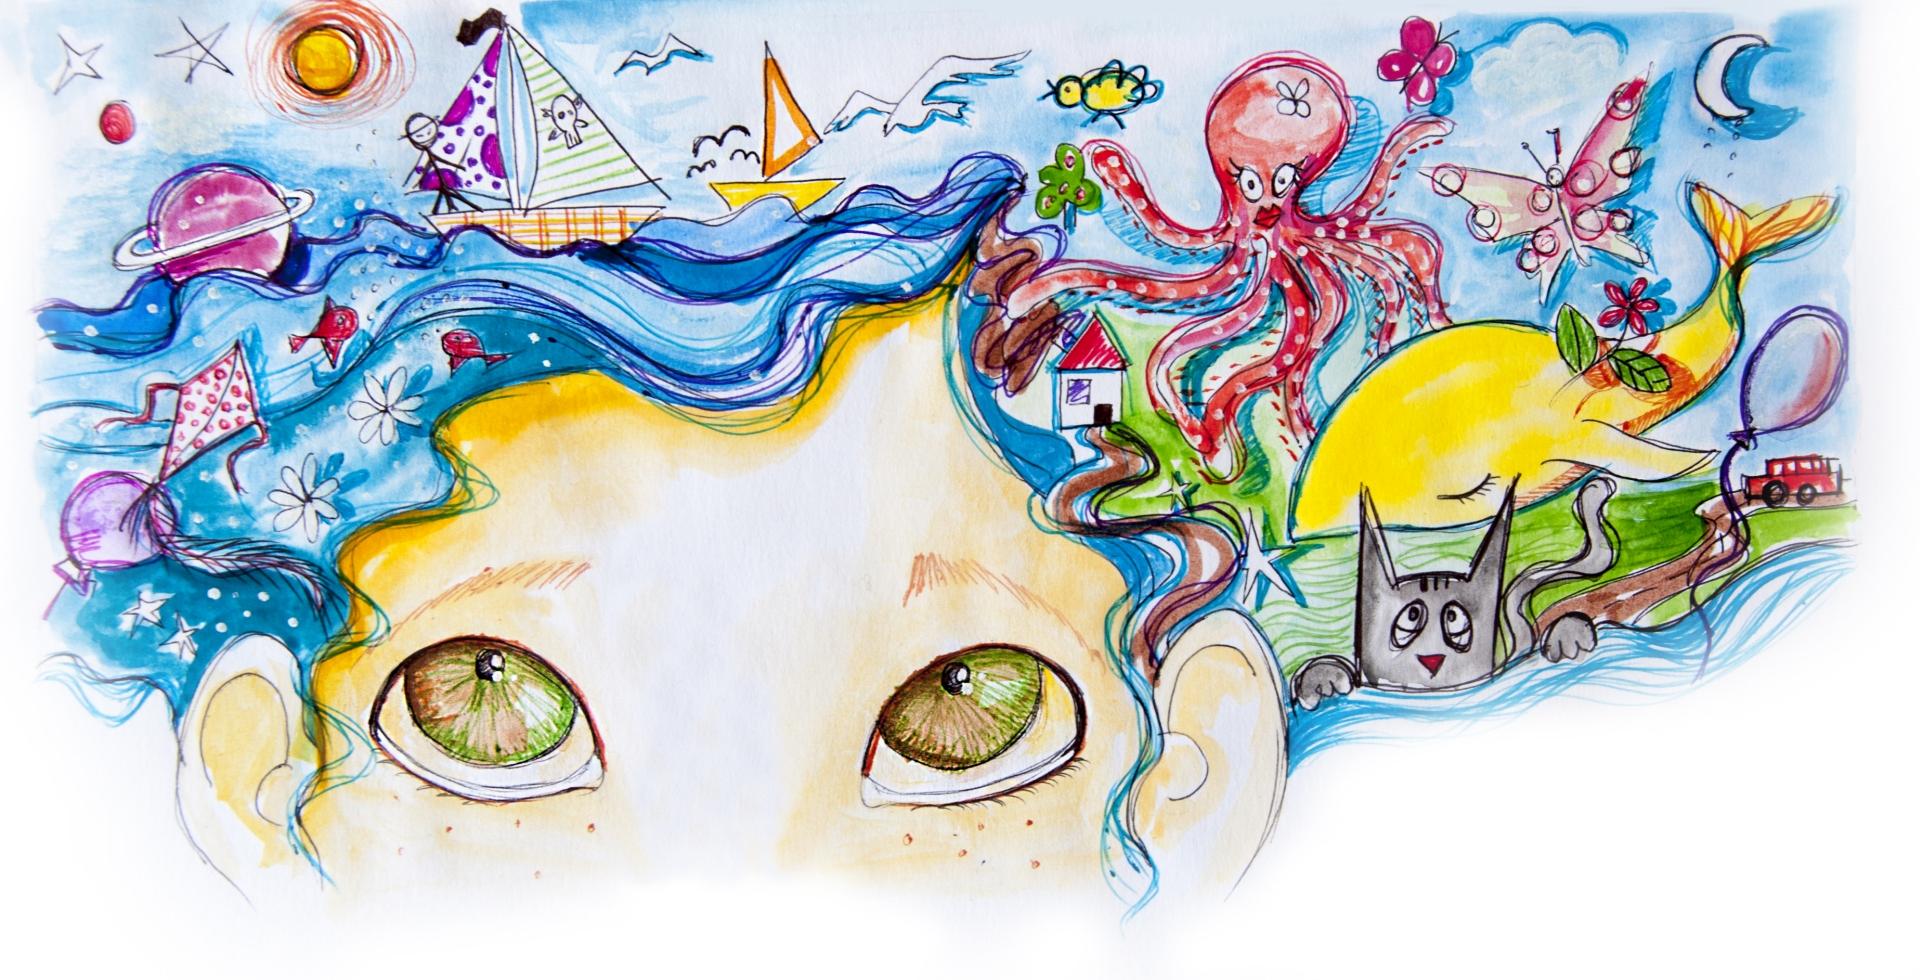 Çocuklarda sıkıntı, yaratıcılığı tetikleyen önemli bir unsurdur